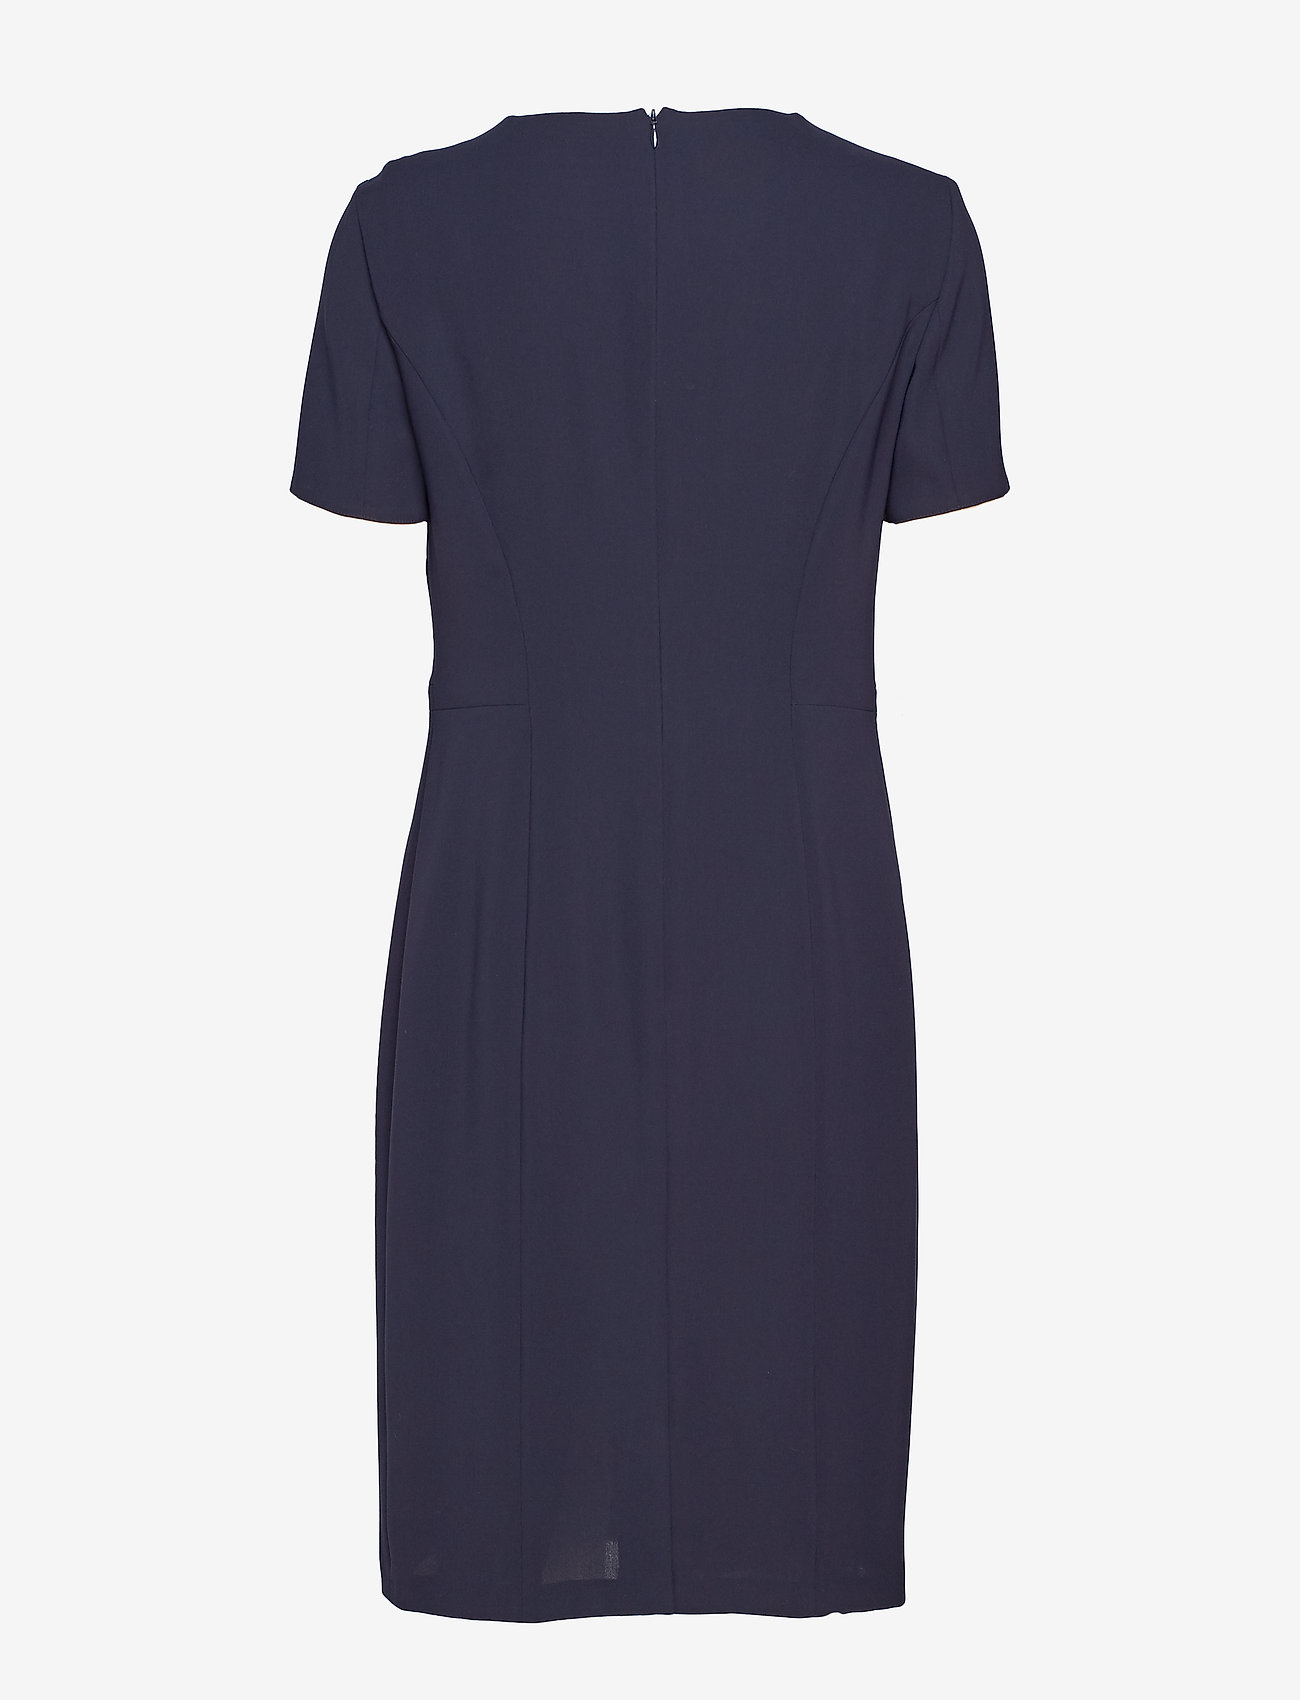 Gerry Weber DRESS WOVEN FABRIC - Sukienki NAVY - Kobiety Odzież.